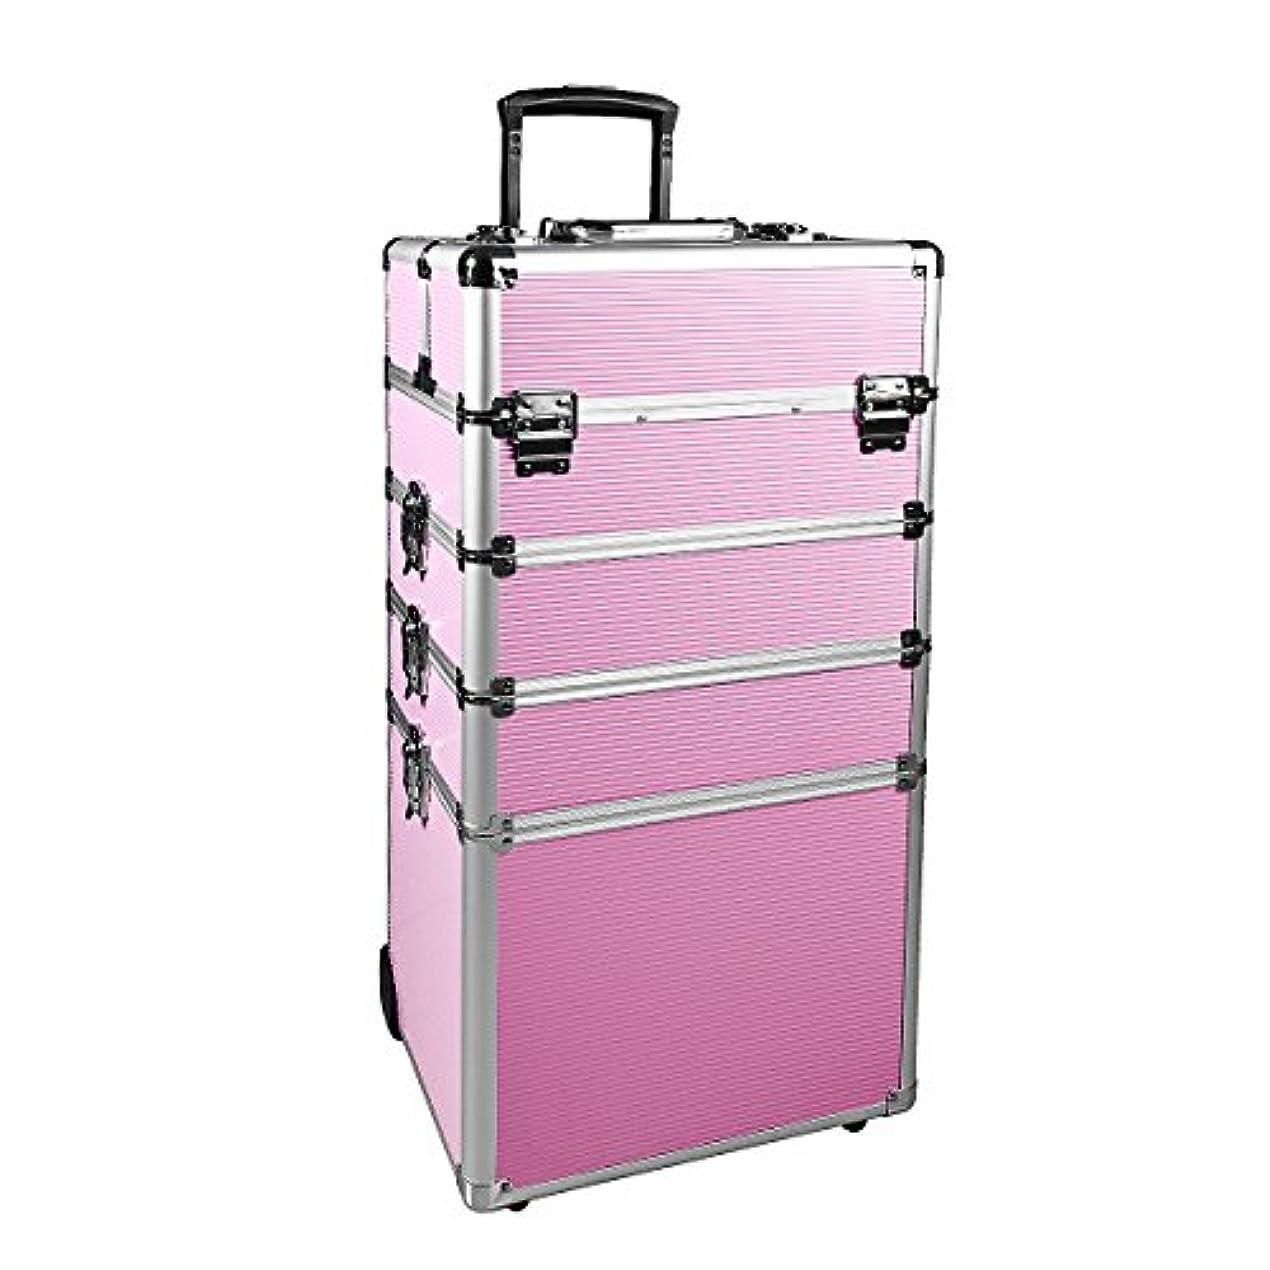 セールスマンとんでもないフランクワースリーNHSM 1つ プロ 化粧品ローリング主催 アルミフレームと折りたたみトレイで化粧列車 ケース4 ピンク